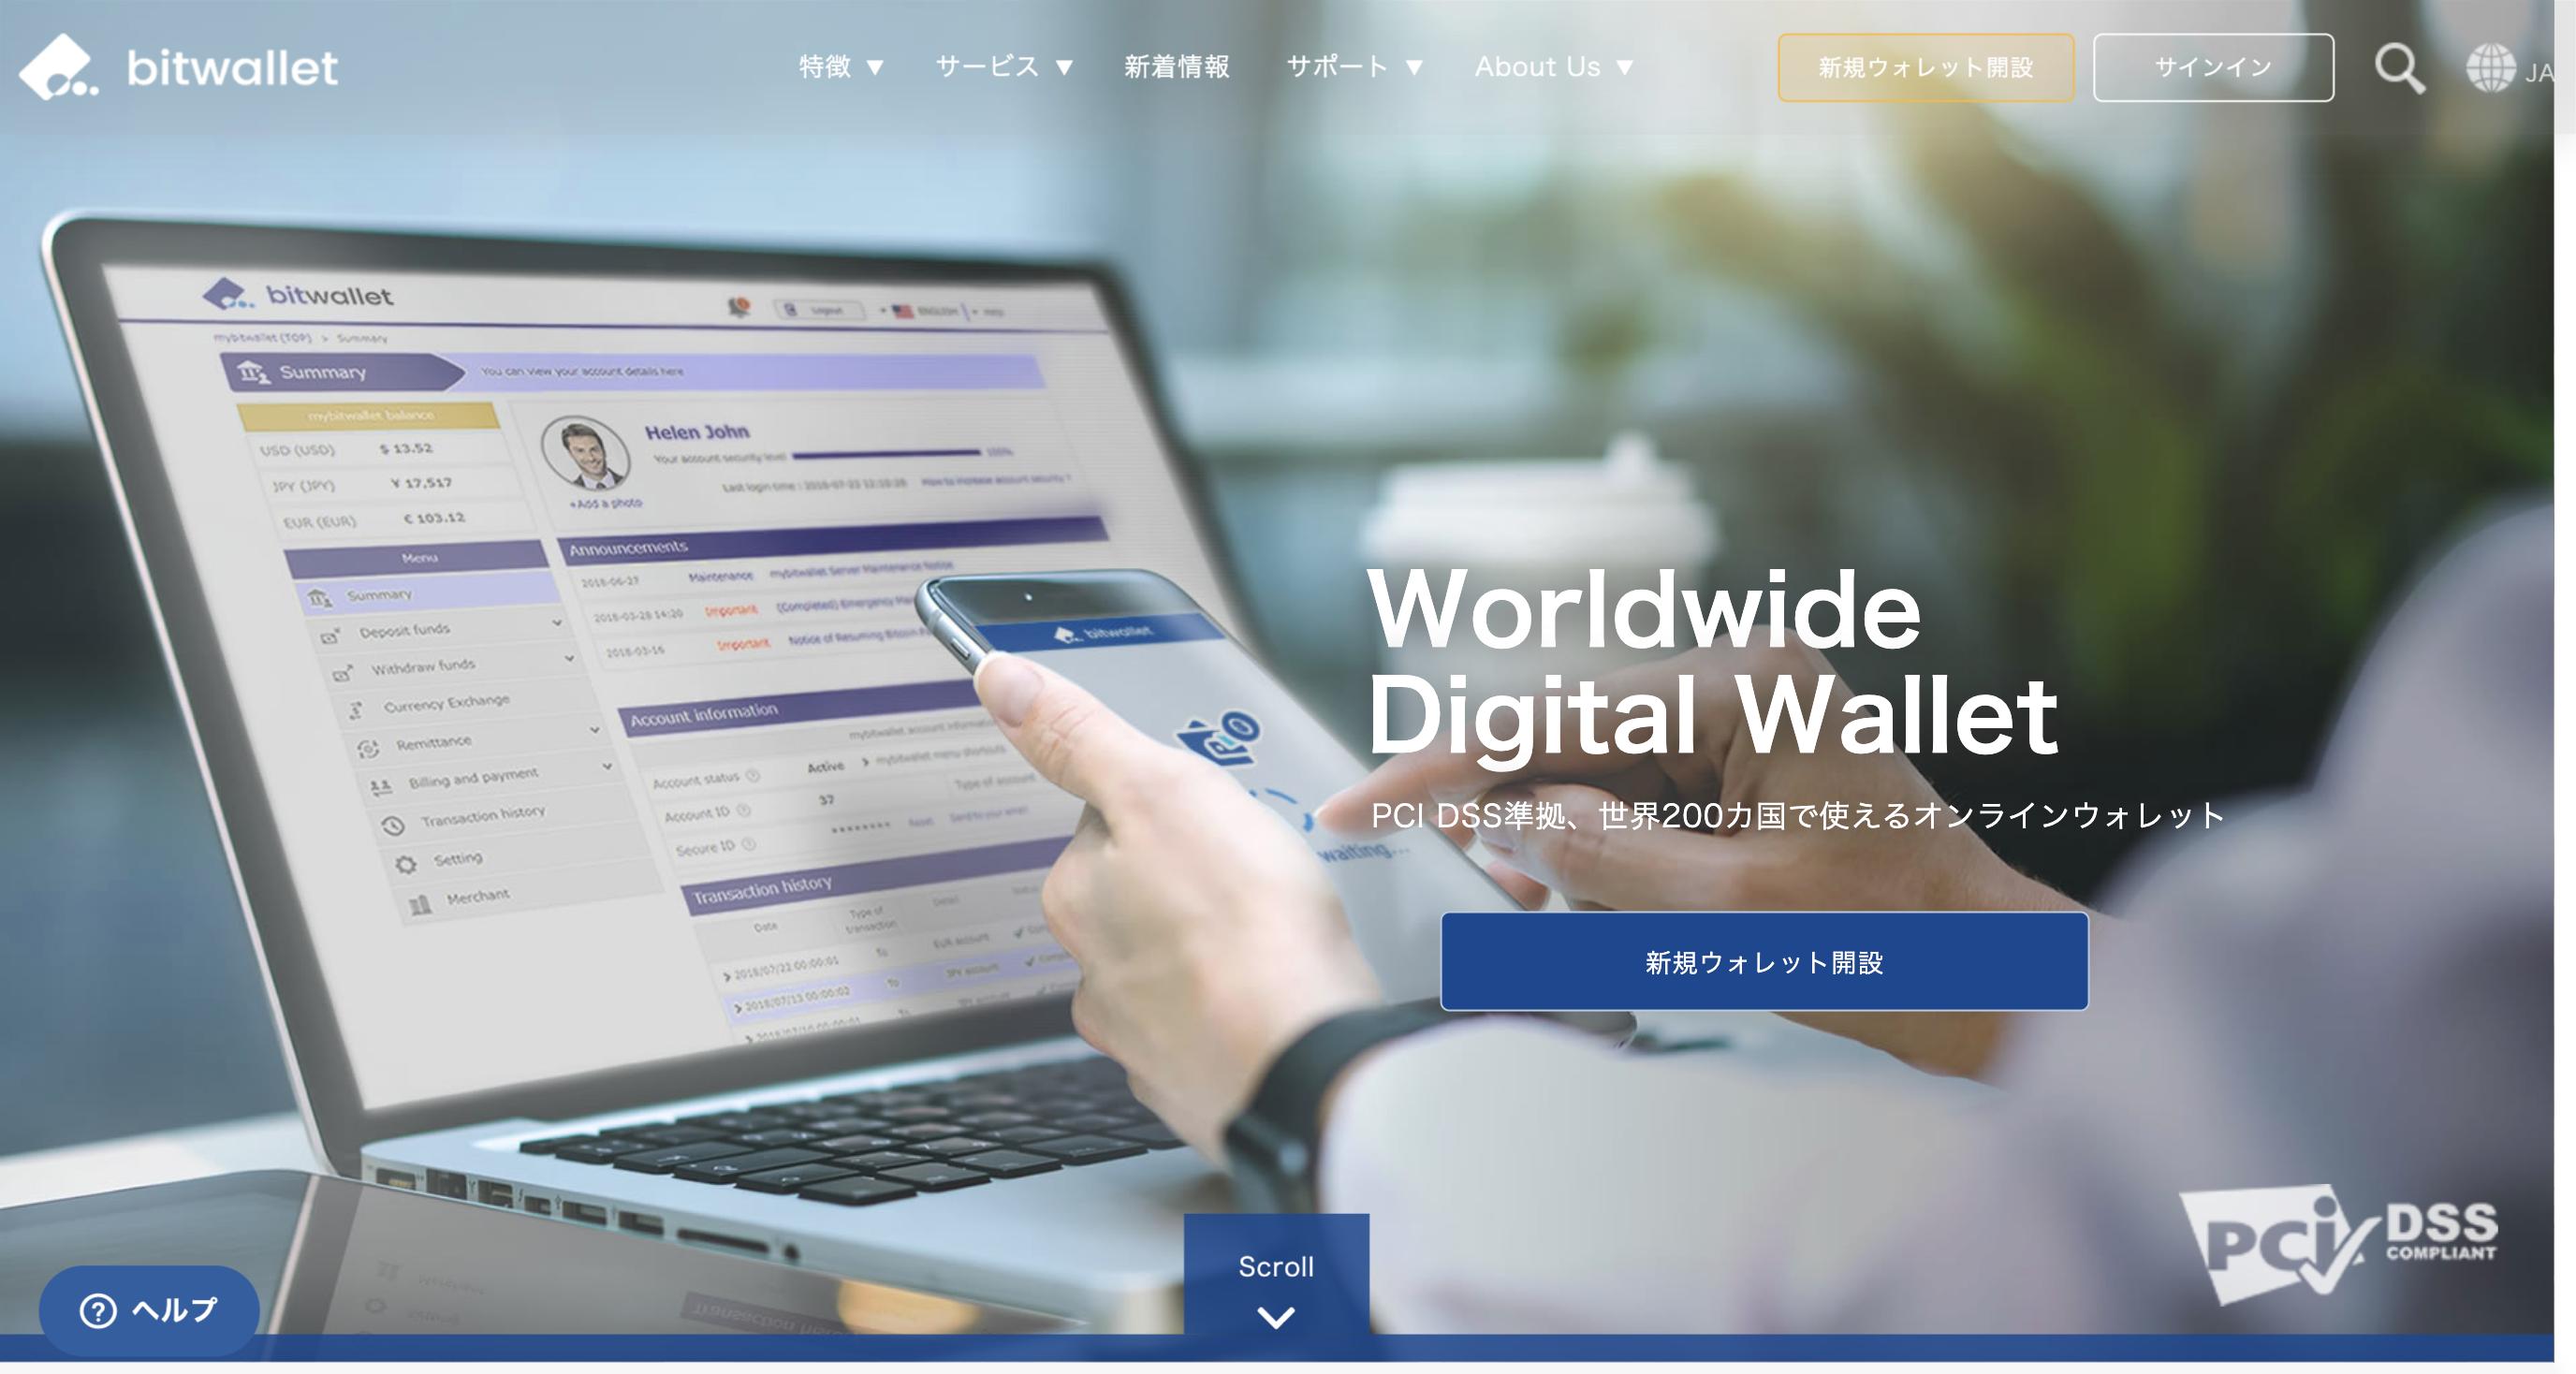 bitwallet公式サイト